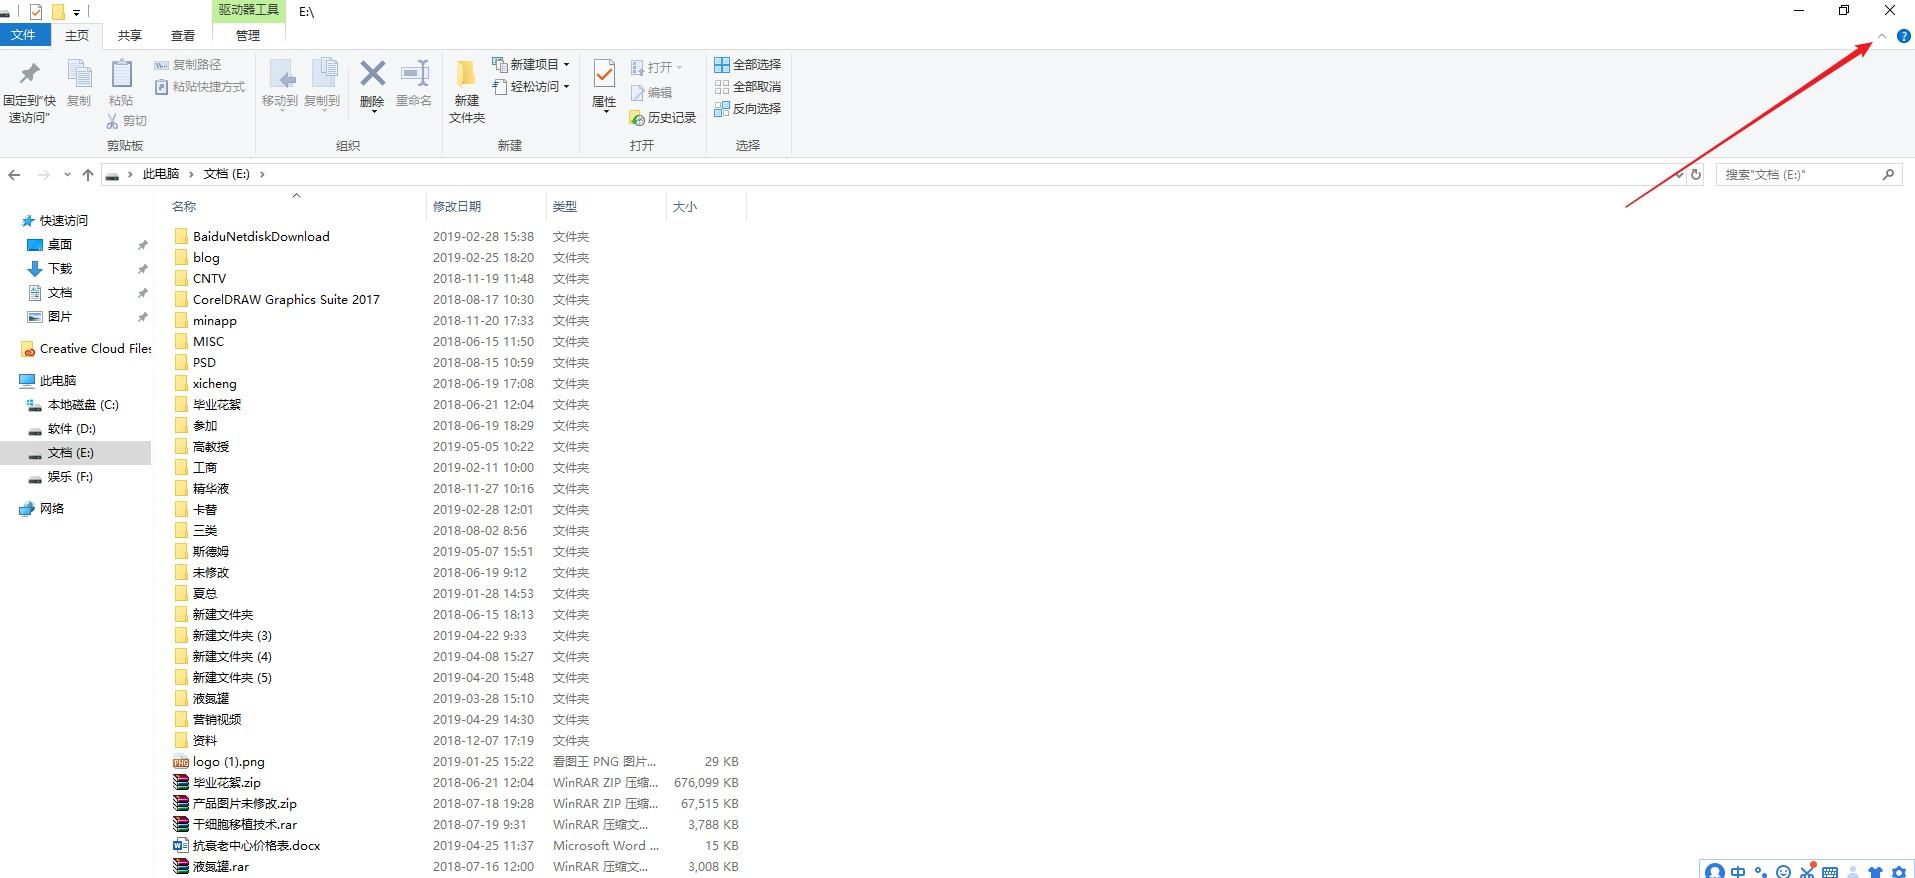 简单三步提取文件夹下所有文件的清单为Excel